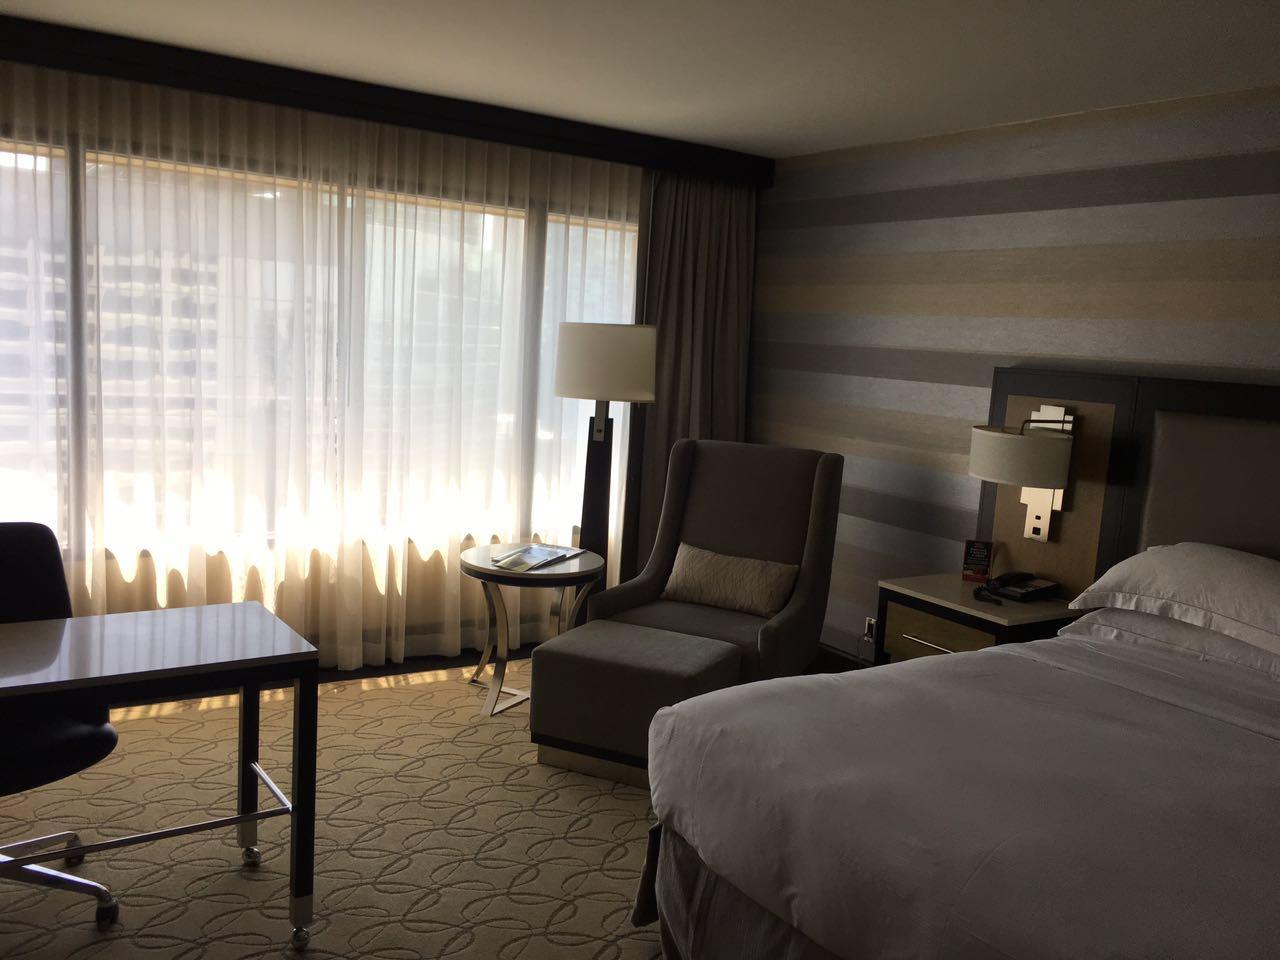 大瀑布+多伦多之行——希尔顿酒店体验贴